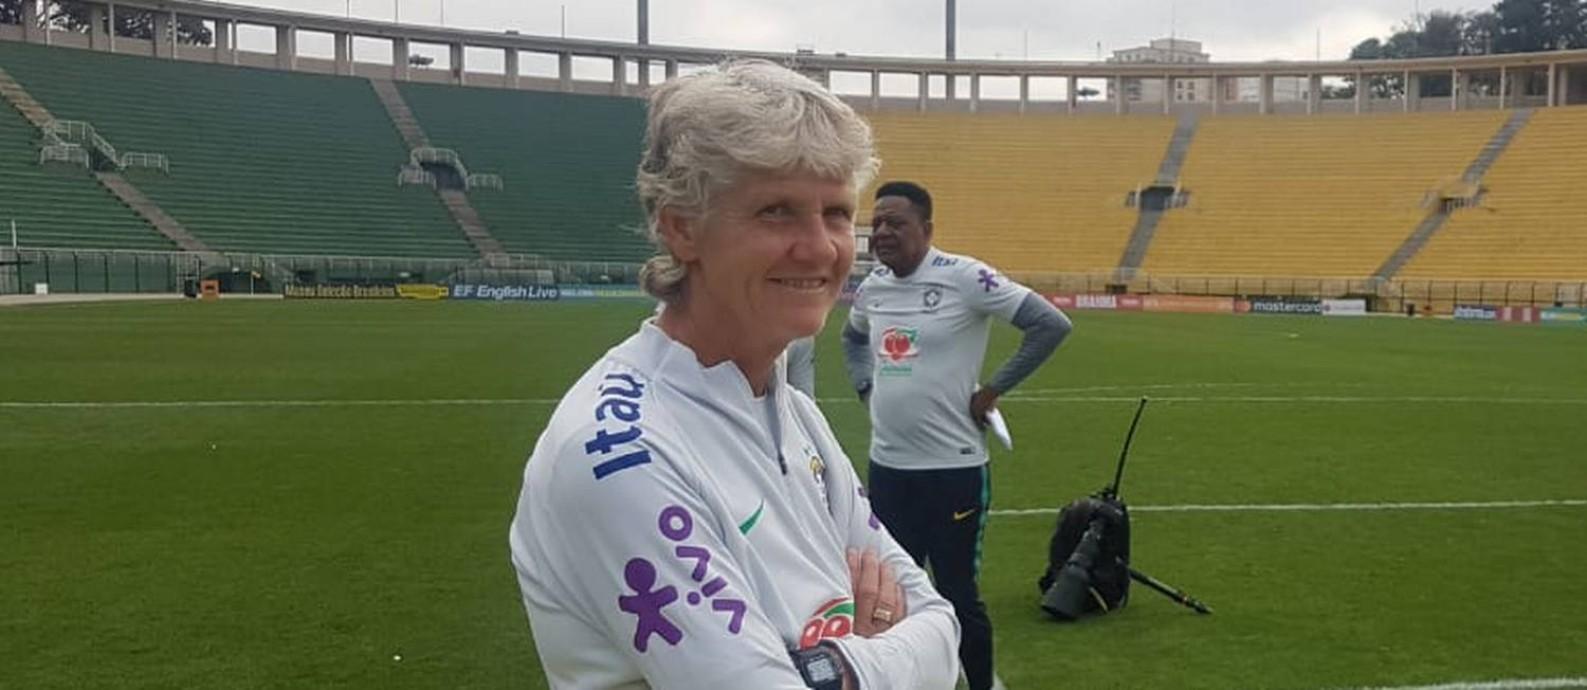 Pia Sundhage no treino da seleção feminina de futebol Foto: Adalberto Leister Filho